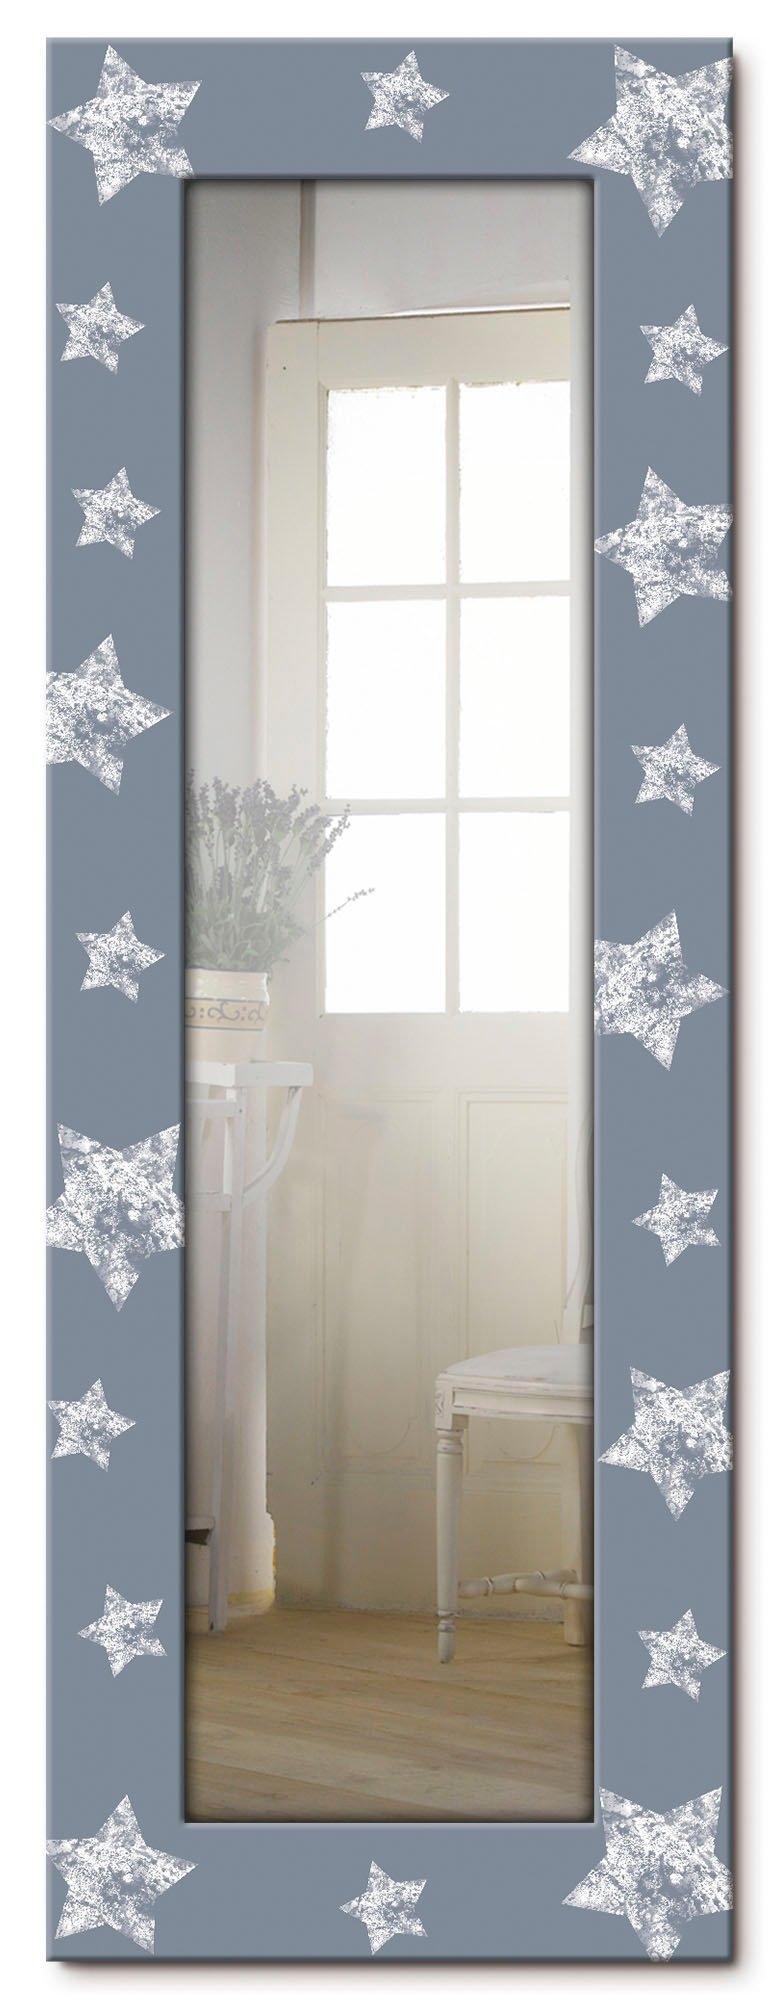 Artland wandspiegel Ster ingelijste spiegel voor het hele lichaam met motiefrand, geschikt voor kleine, smalle hal, halspiegel, mirror spiegel omrand om op te hangen voordelig en veilig online kopen